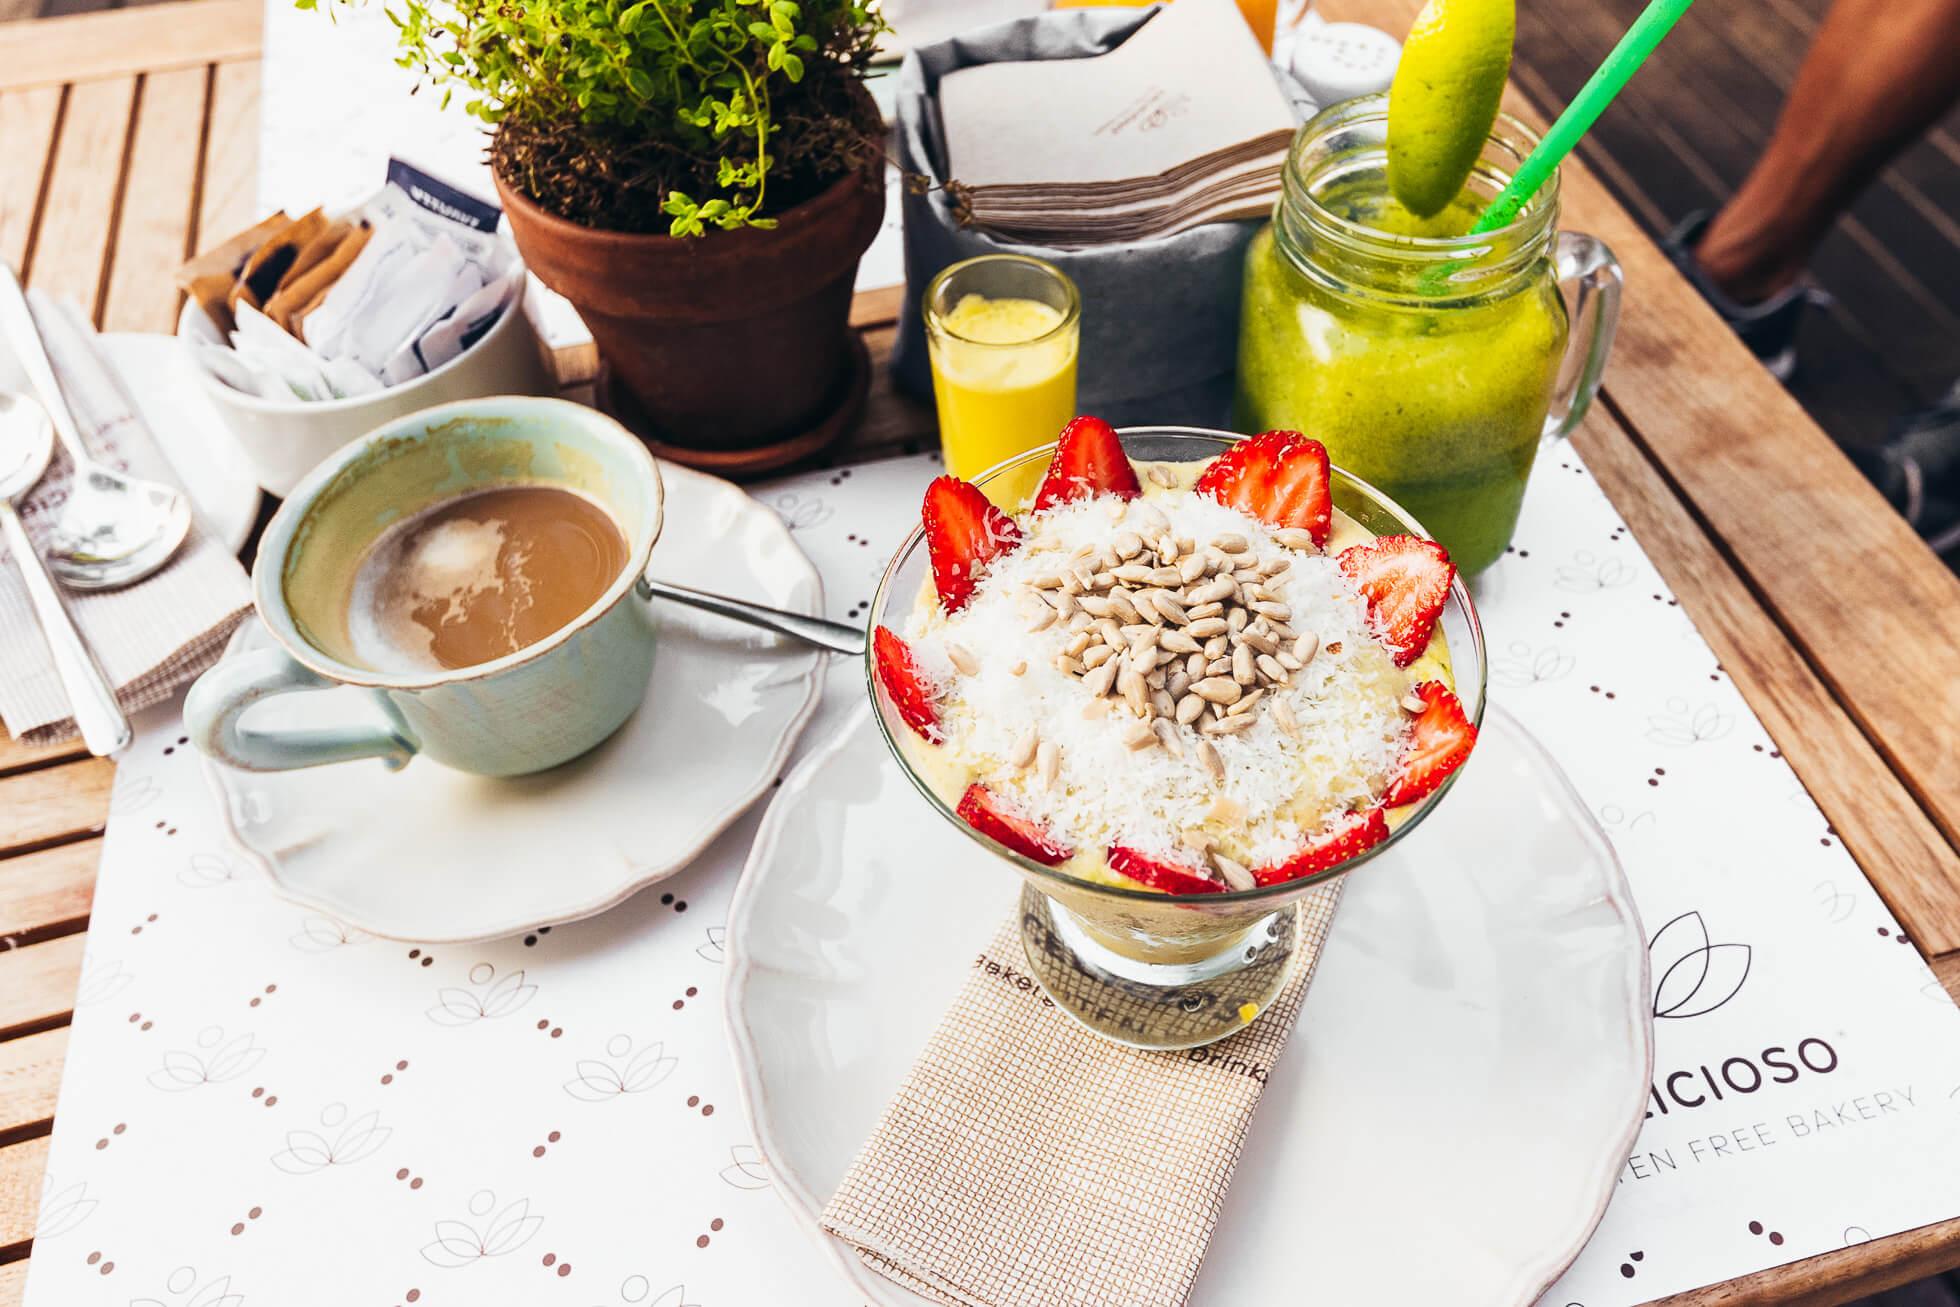 janni-deler-breakfast-spotJ1170209